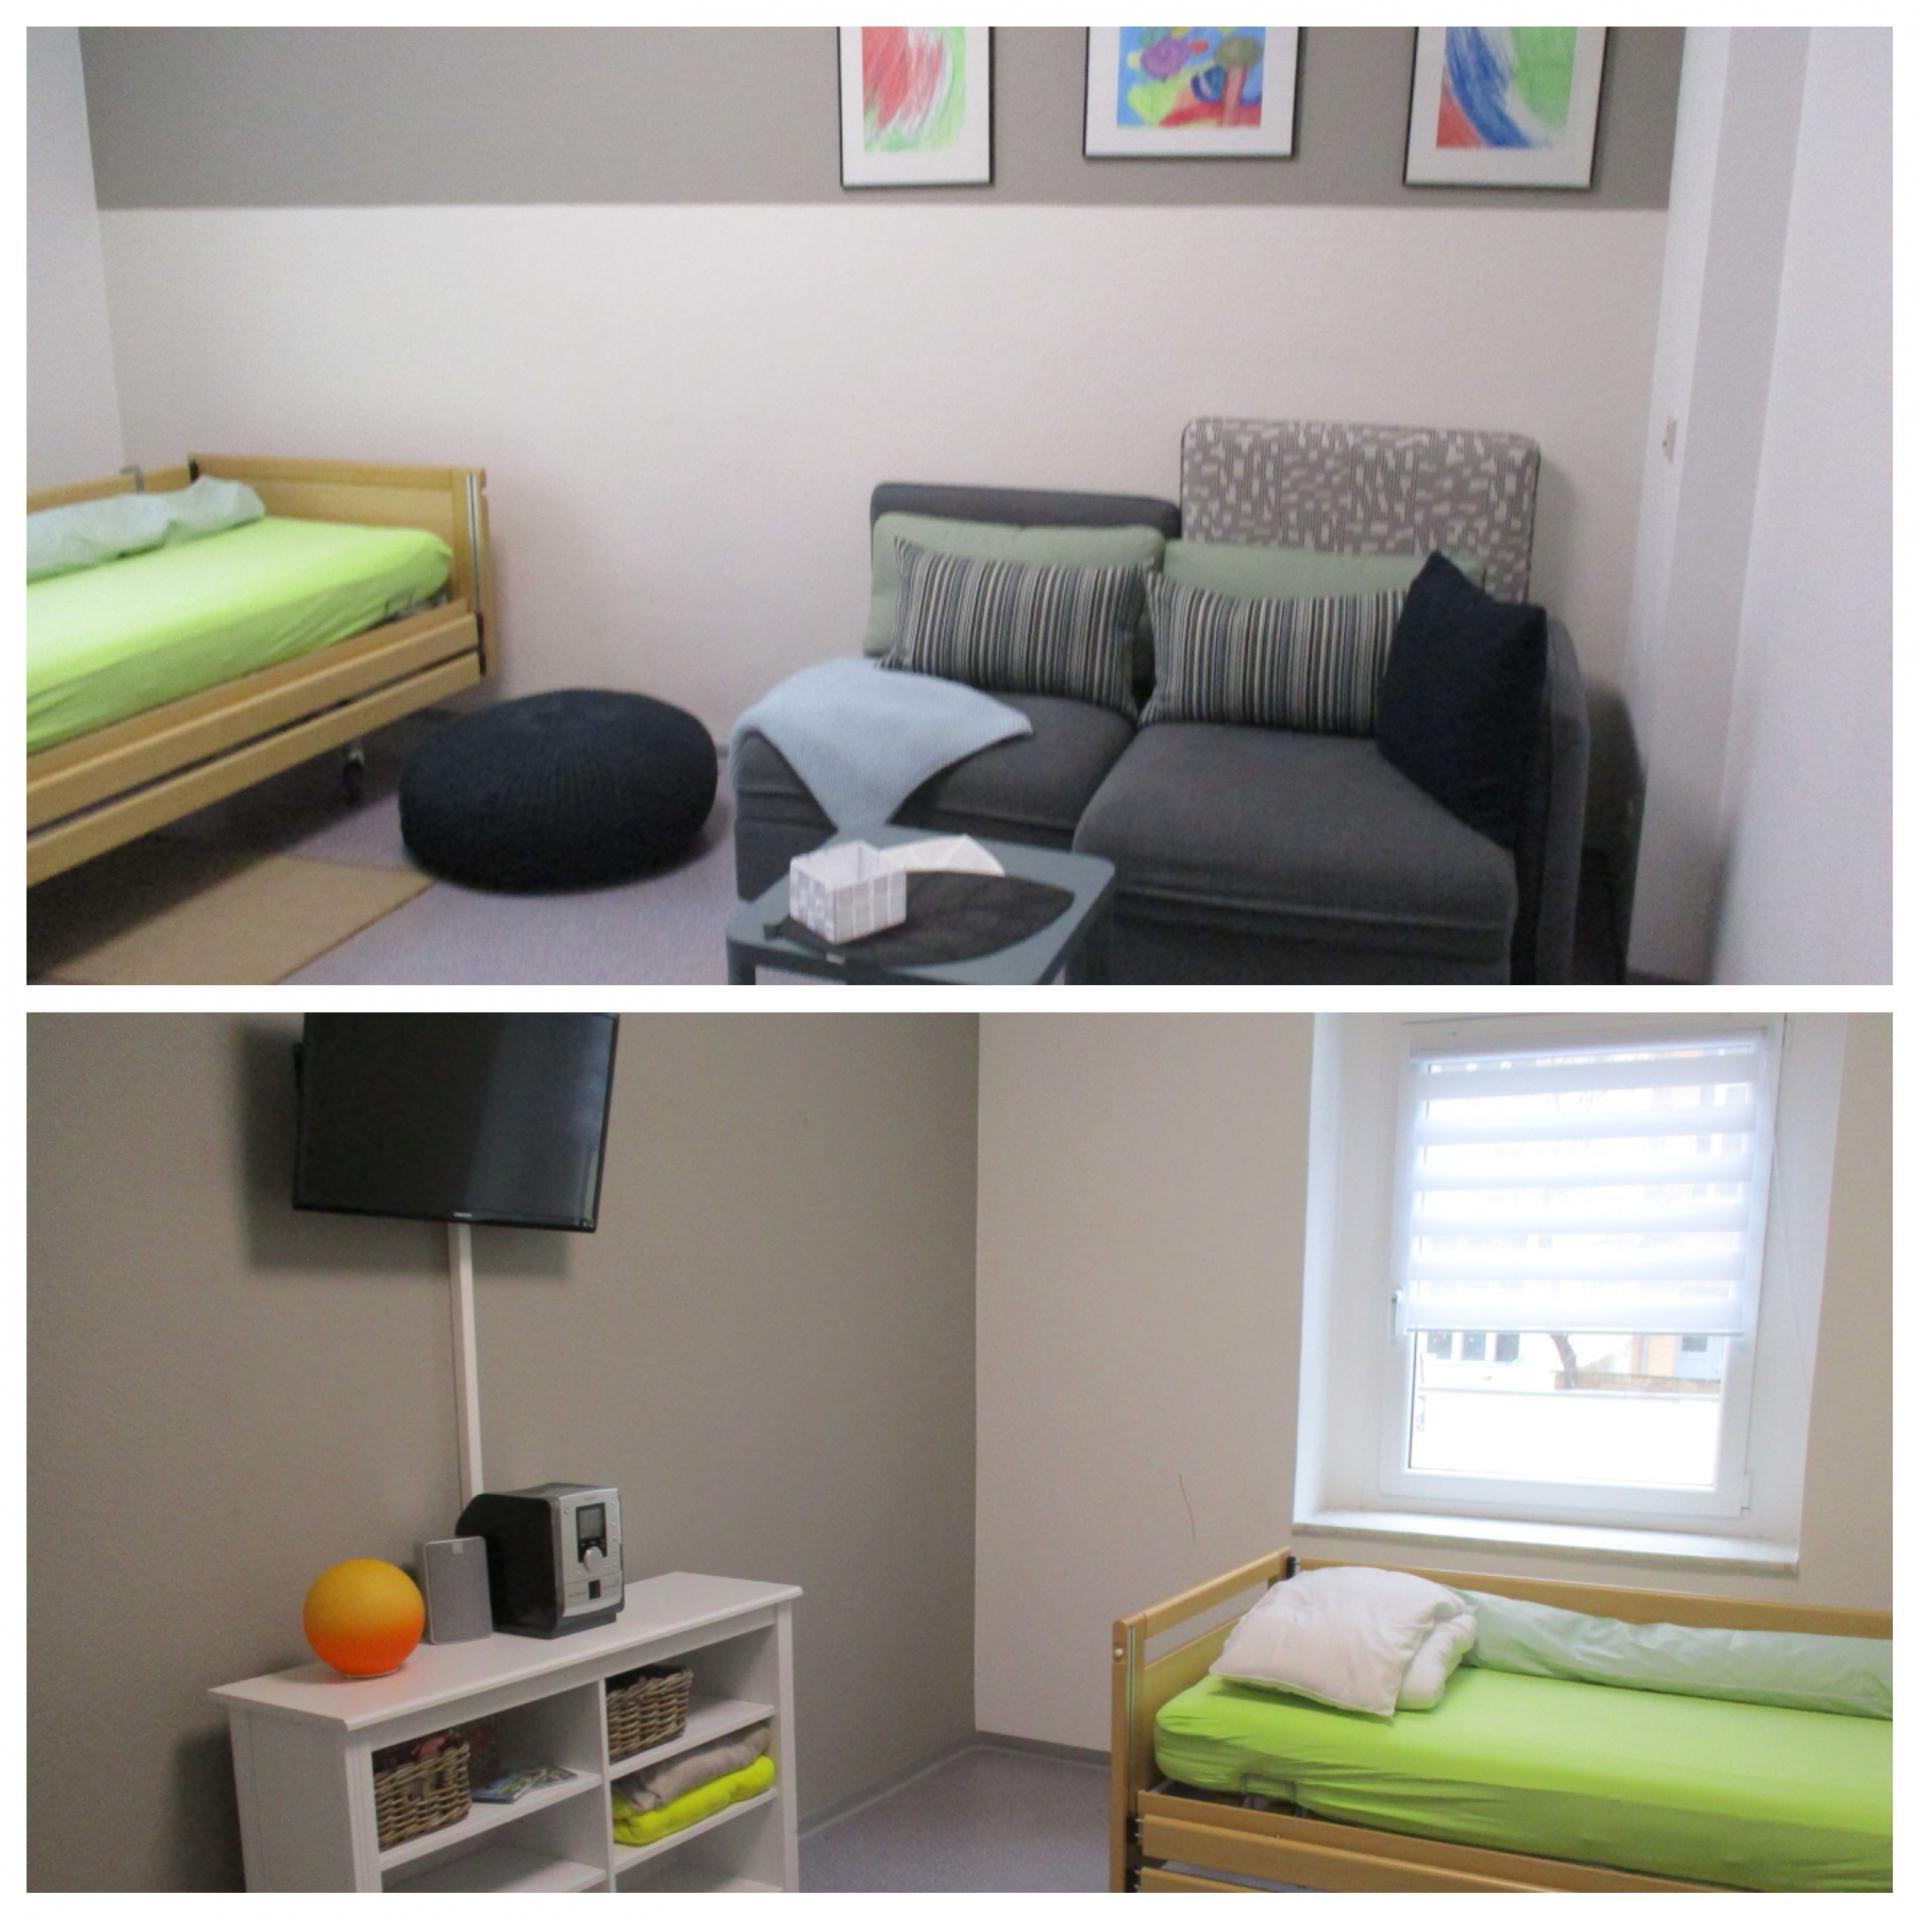 Wohnbereich mit Pflegebett